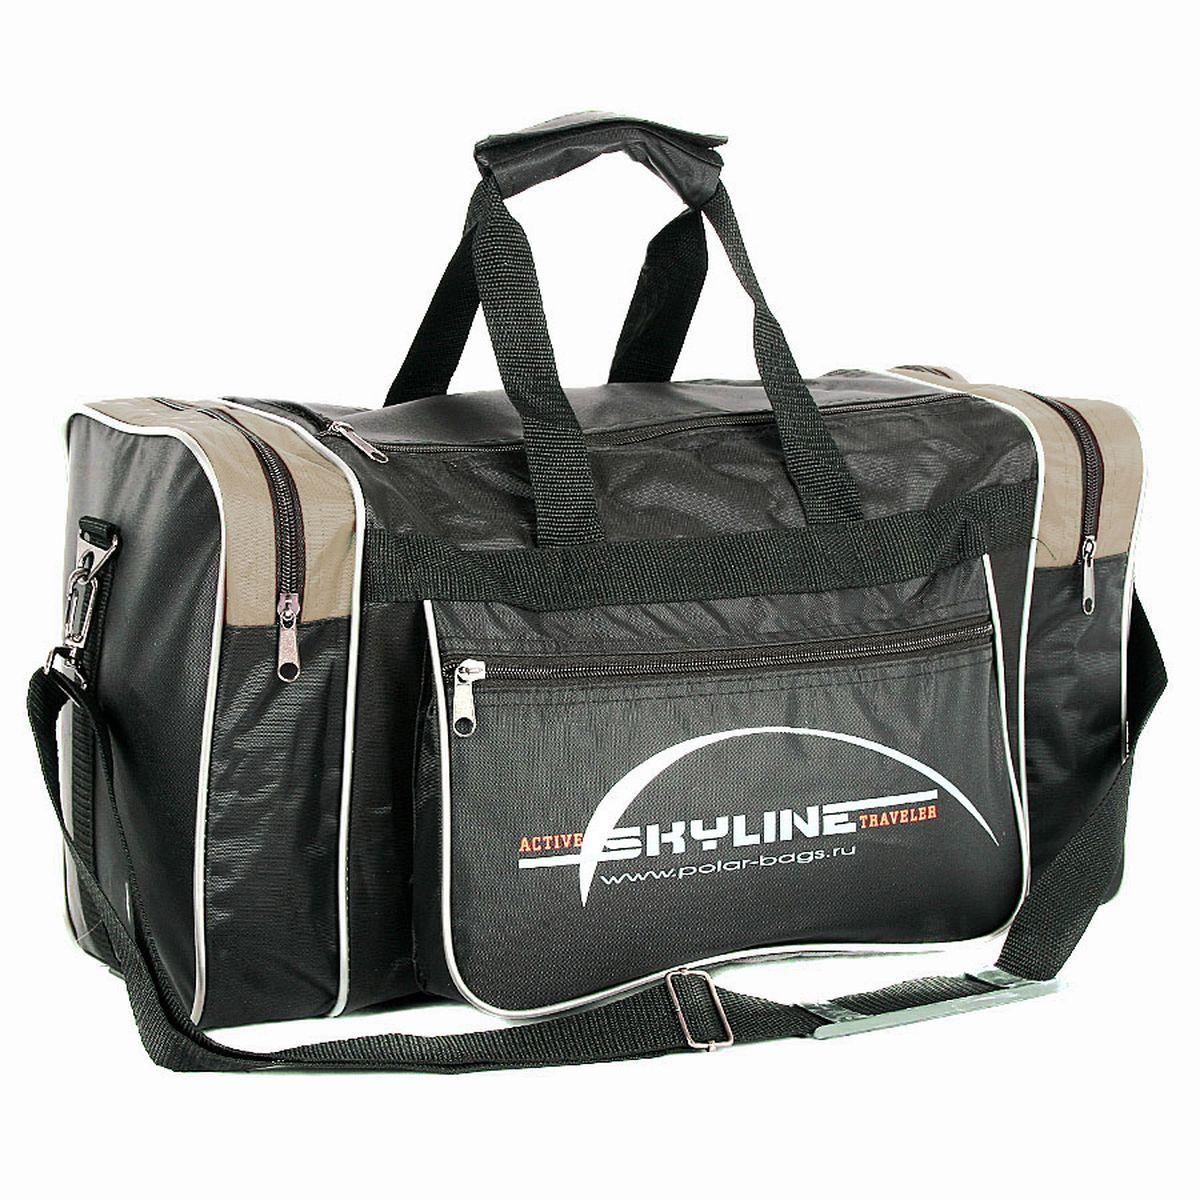 Сумка спортивная Polar, цвет: черный, бежевый, 23 л. 6009 сумка спортивная мужская adidas cvrt 3s duf m цвет черный 37 л cg1533